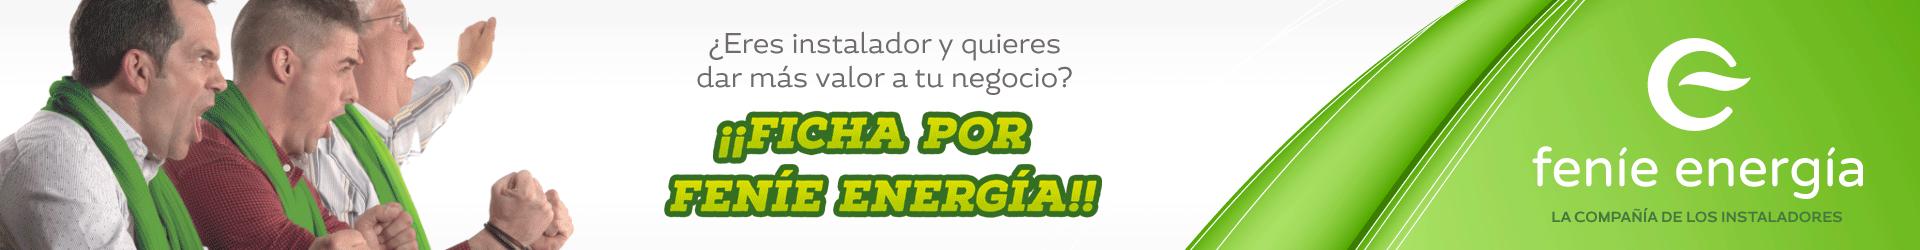 layer1-FENIE-ENERGIA